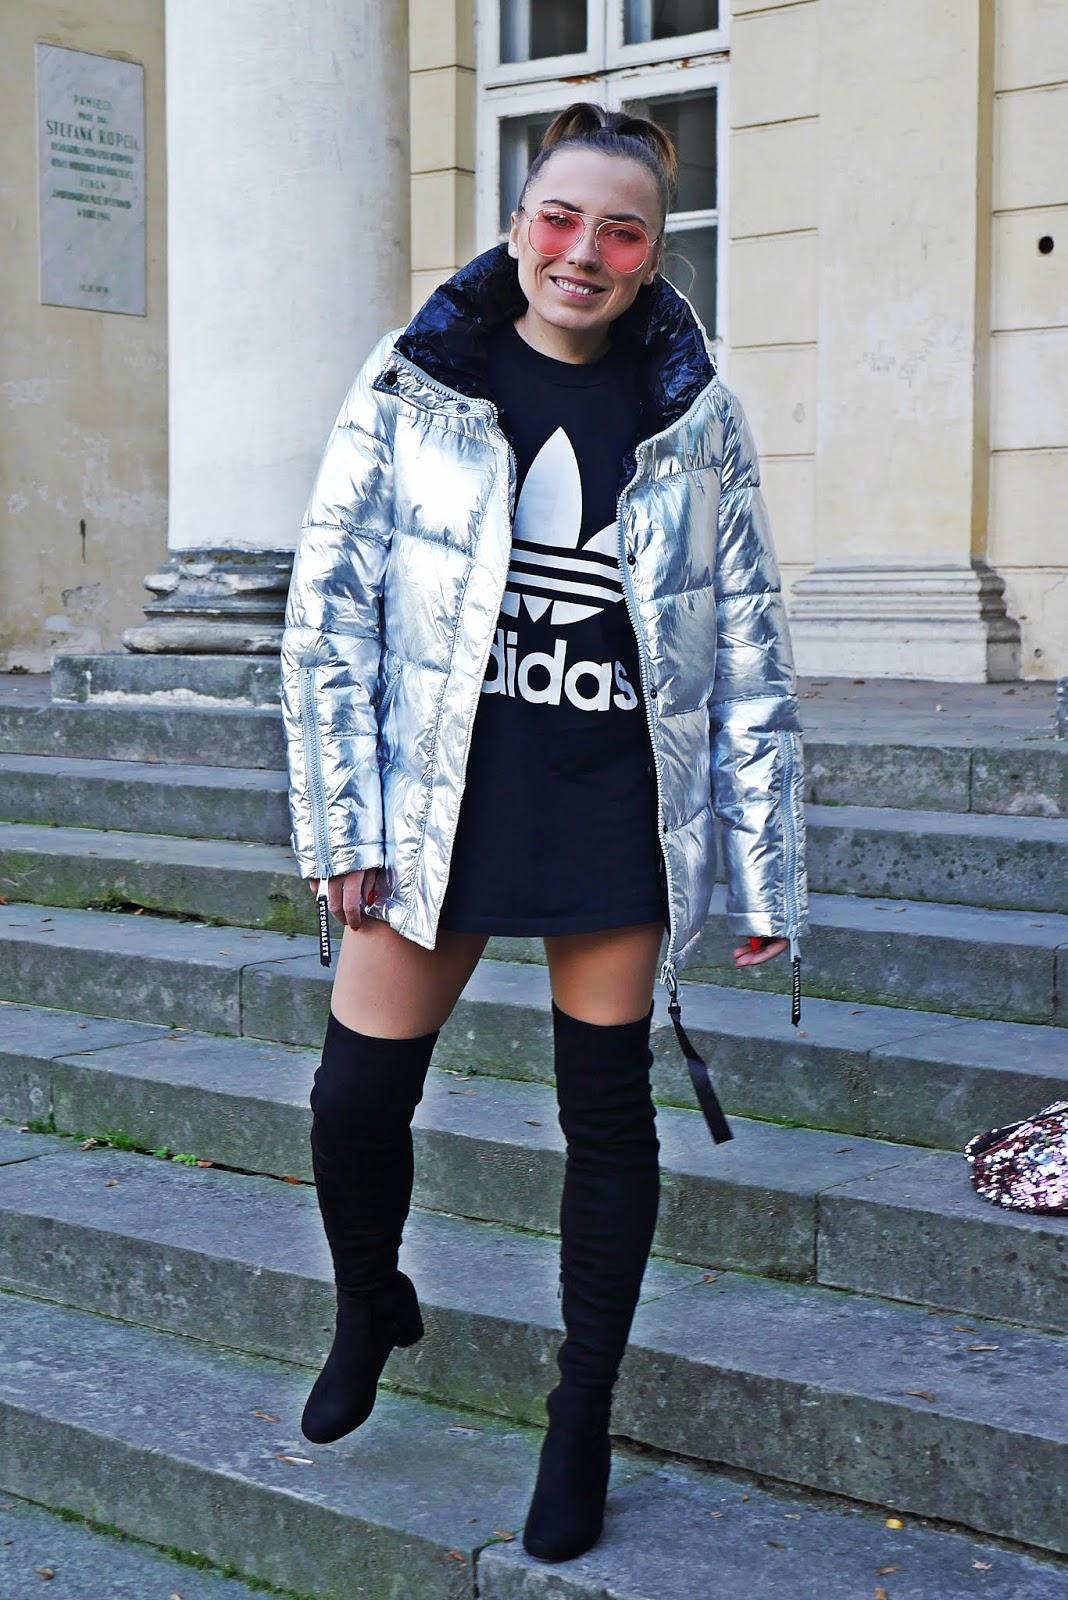 Srebrna pikowana kurtka renee bluzka adidas różowe okulary karyn  blog modowy